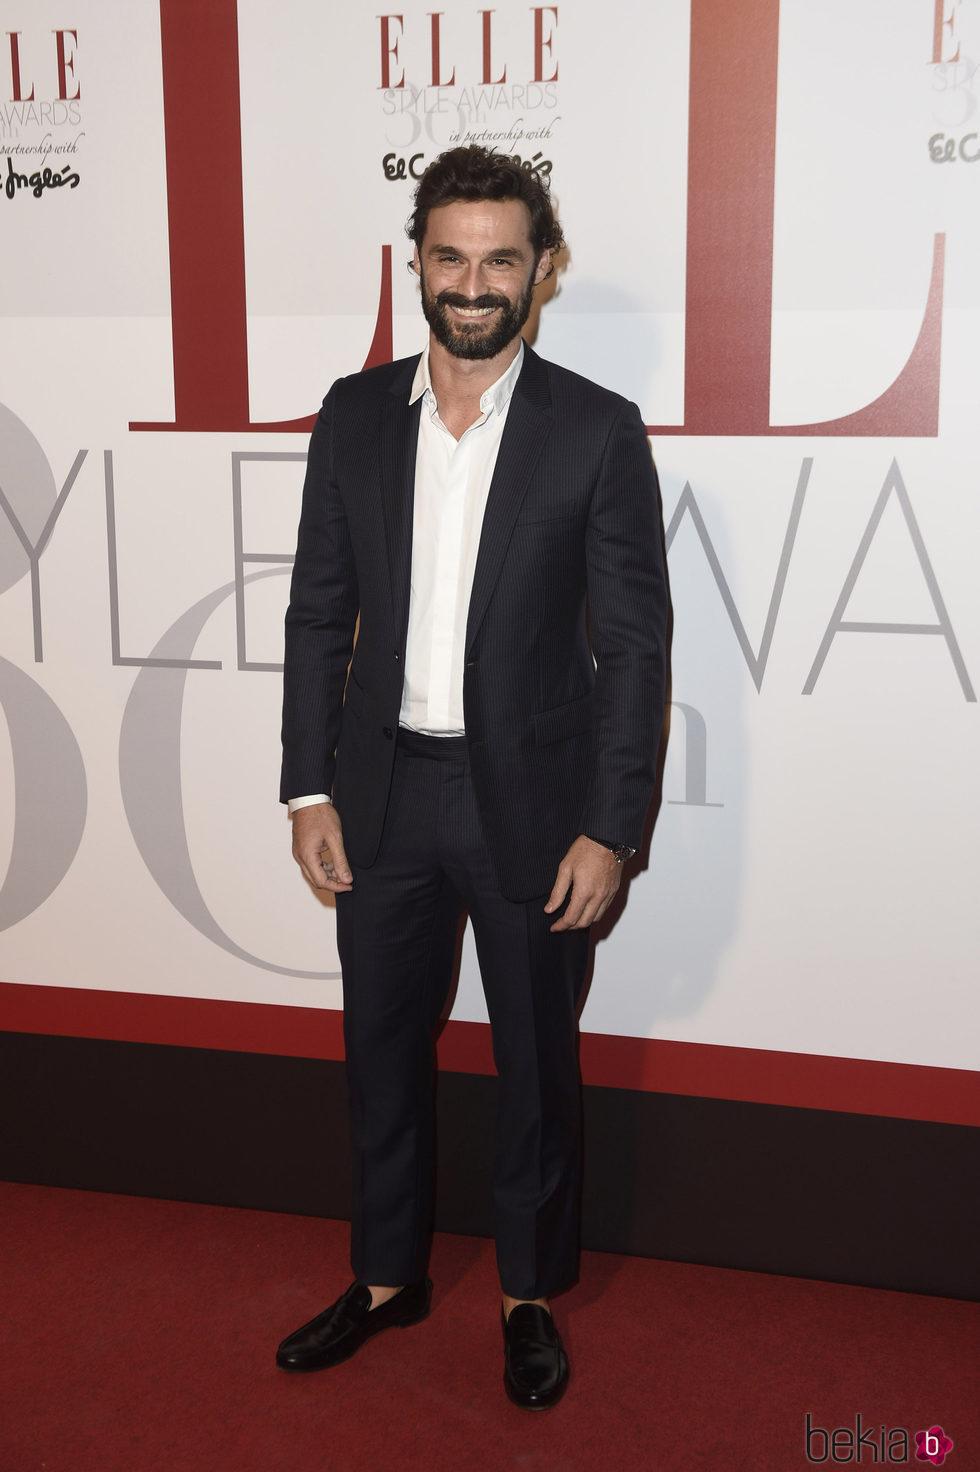 Iván Sánchez en los Elle Style Awards 2016